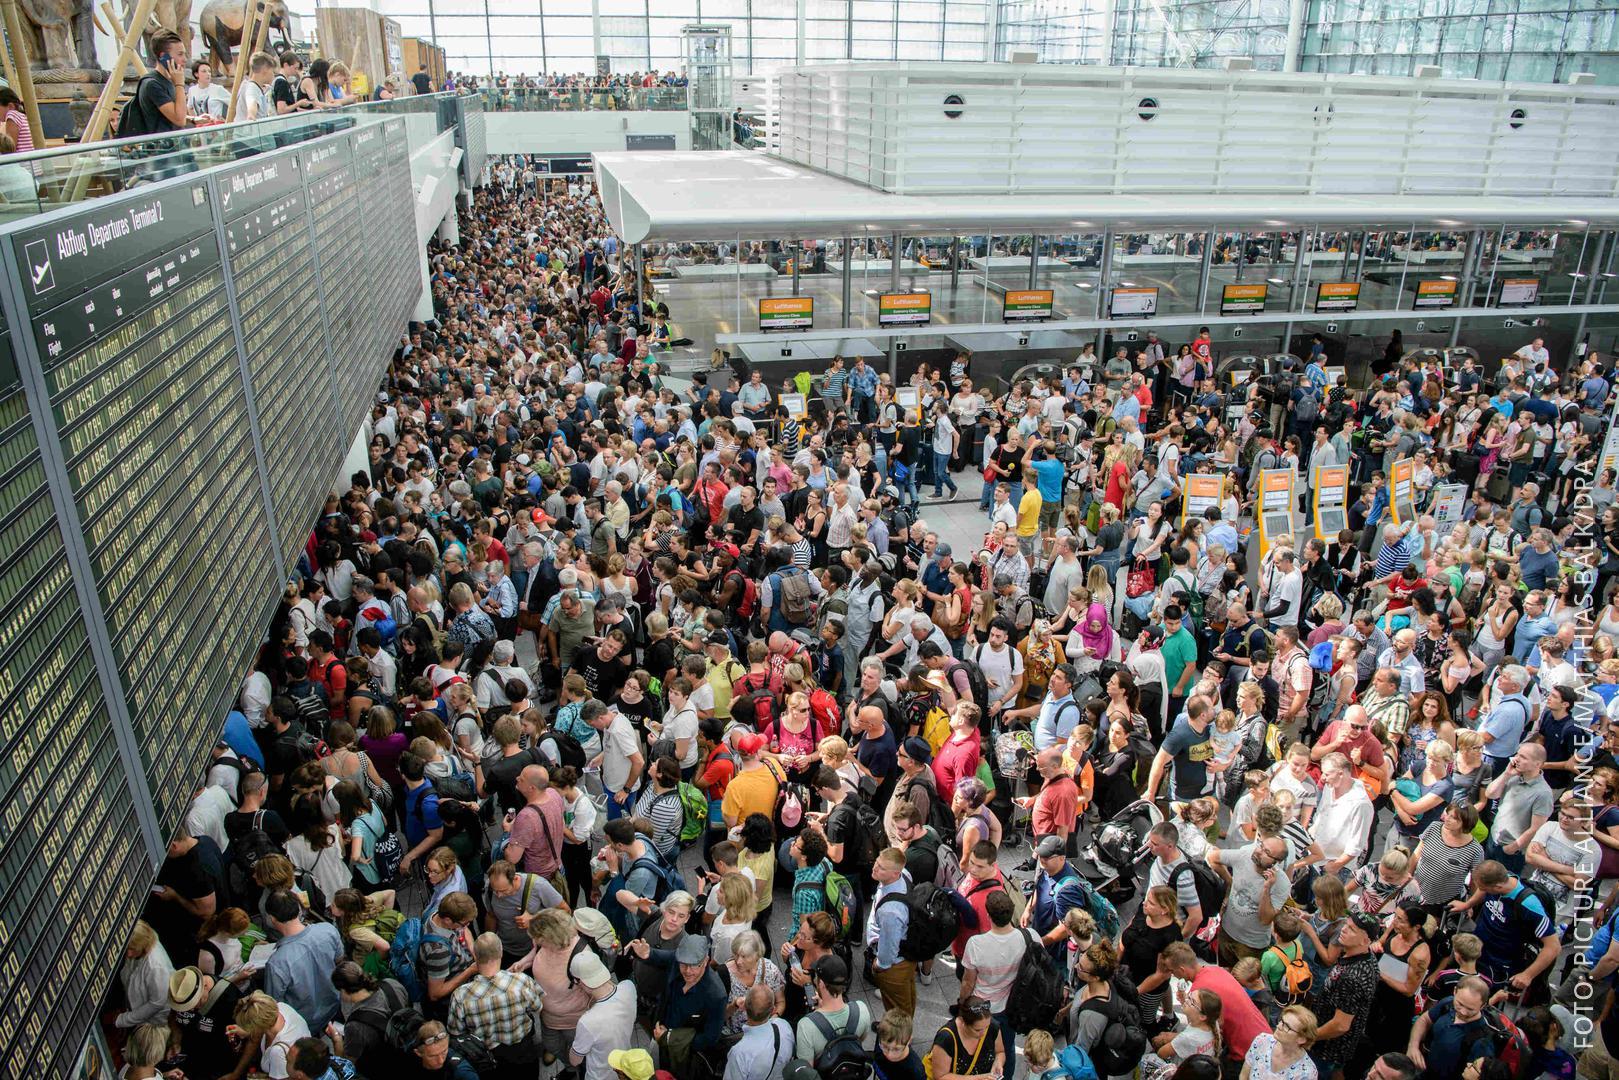 Wegen einer Sicherheitspanne warten tausende Menschen am Flughafen München.